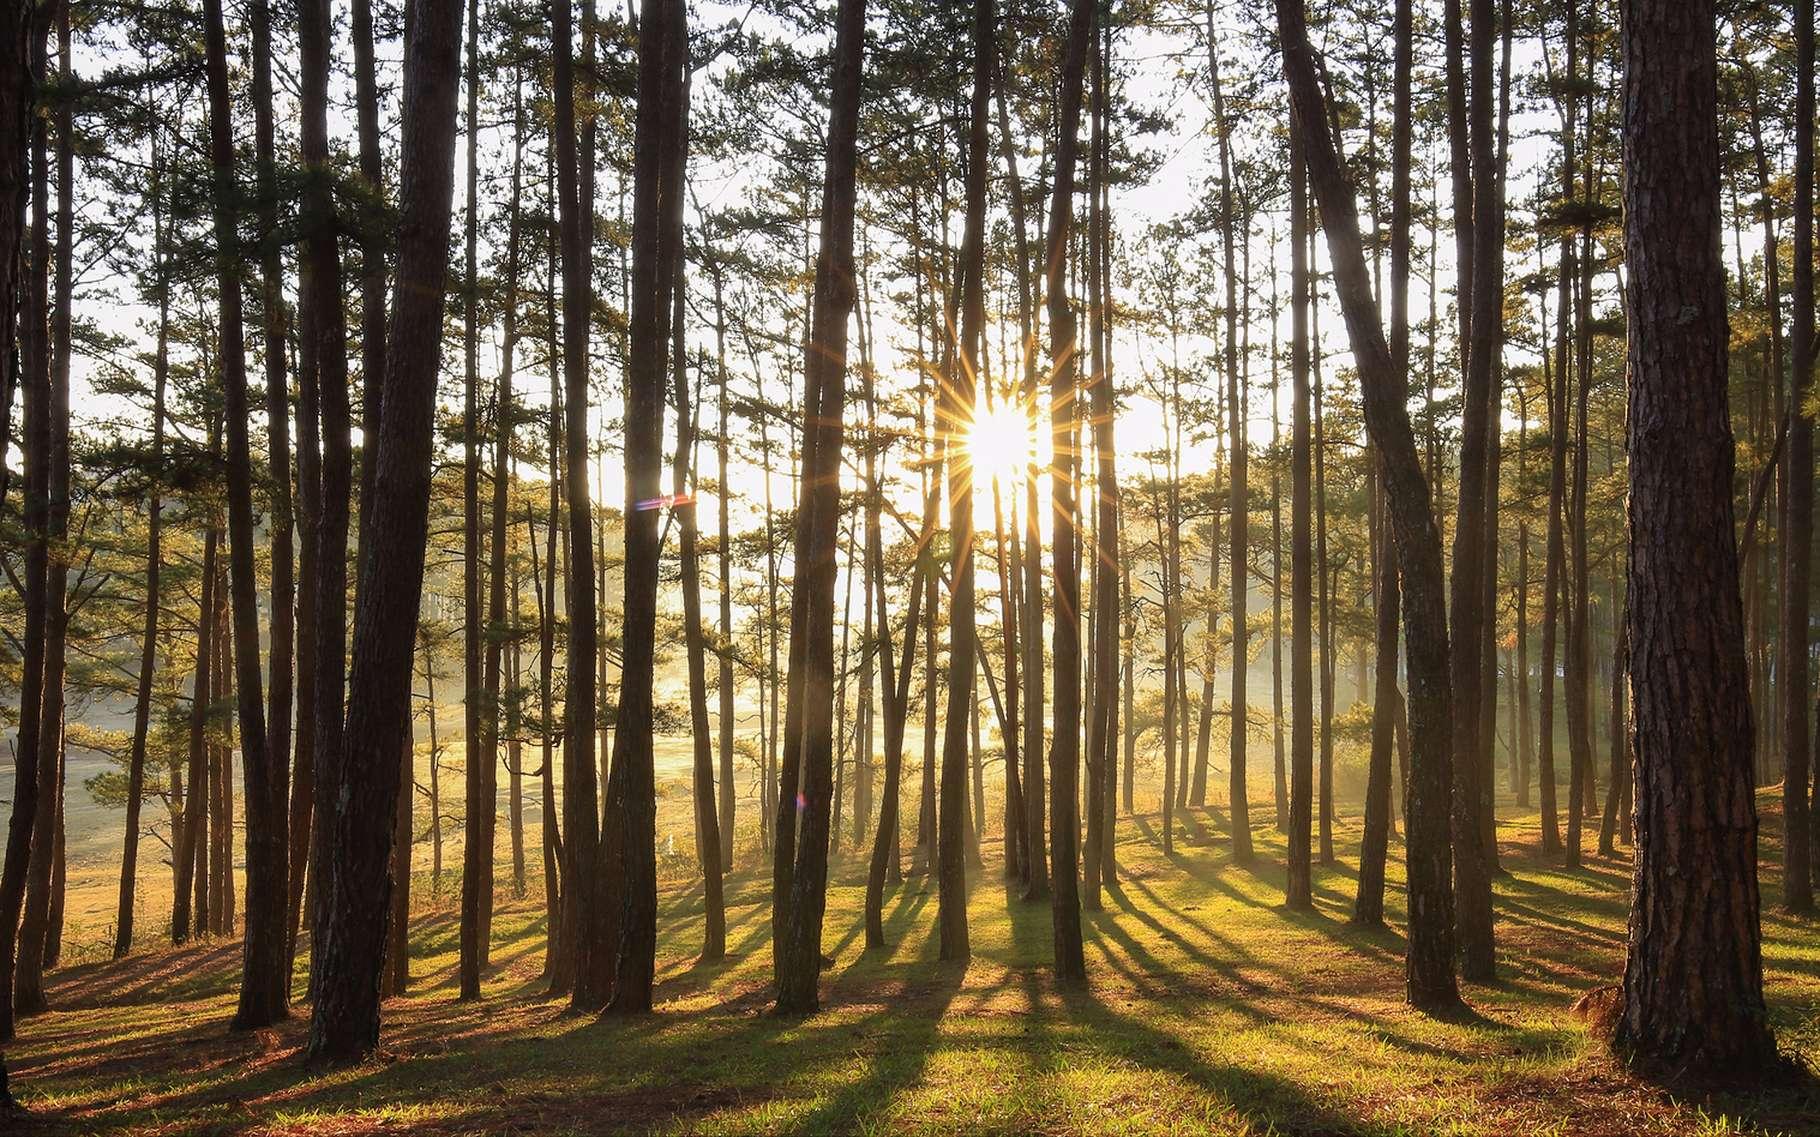 Les forêts ont un impact à la fois sur les microclimats et sur le climat global. © milestone, Shutterstock